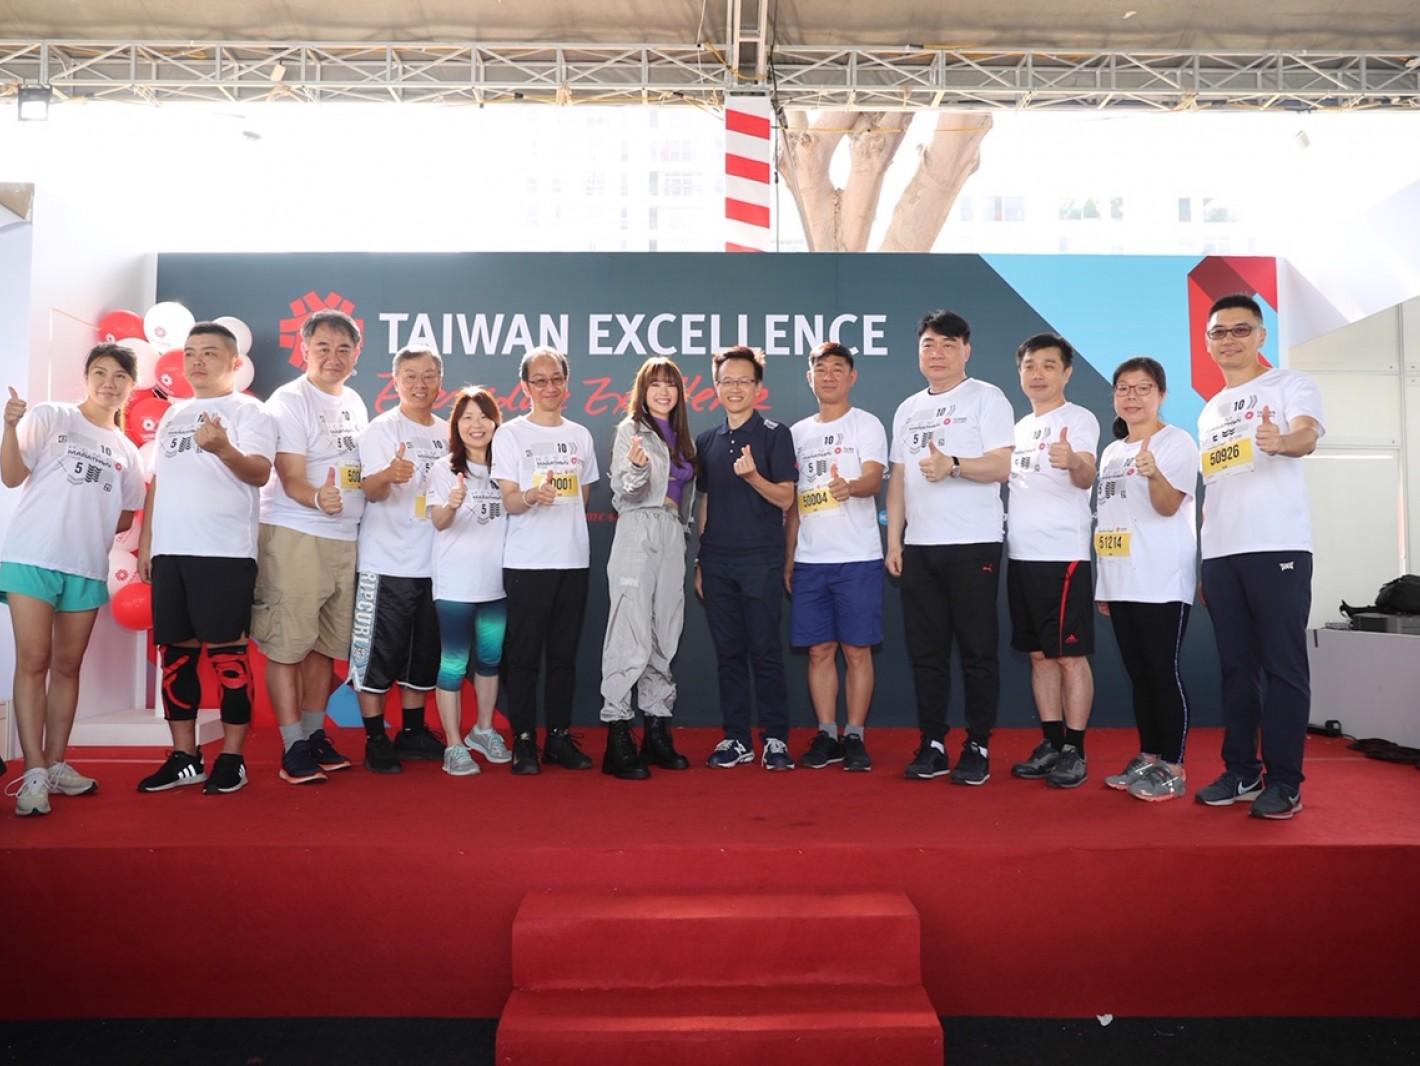 「越南蔡依林」台灣精品代言人Minh Hang(中)到場宣傳台灣精品,與吳俊澤處長(中右)等貴賓合影留念